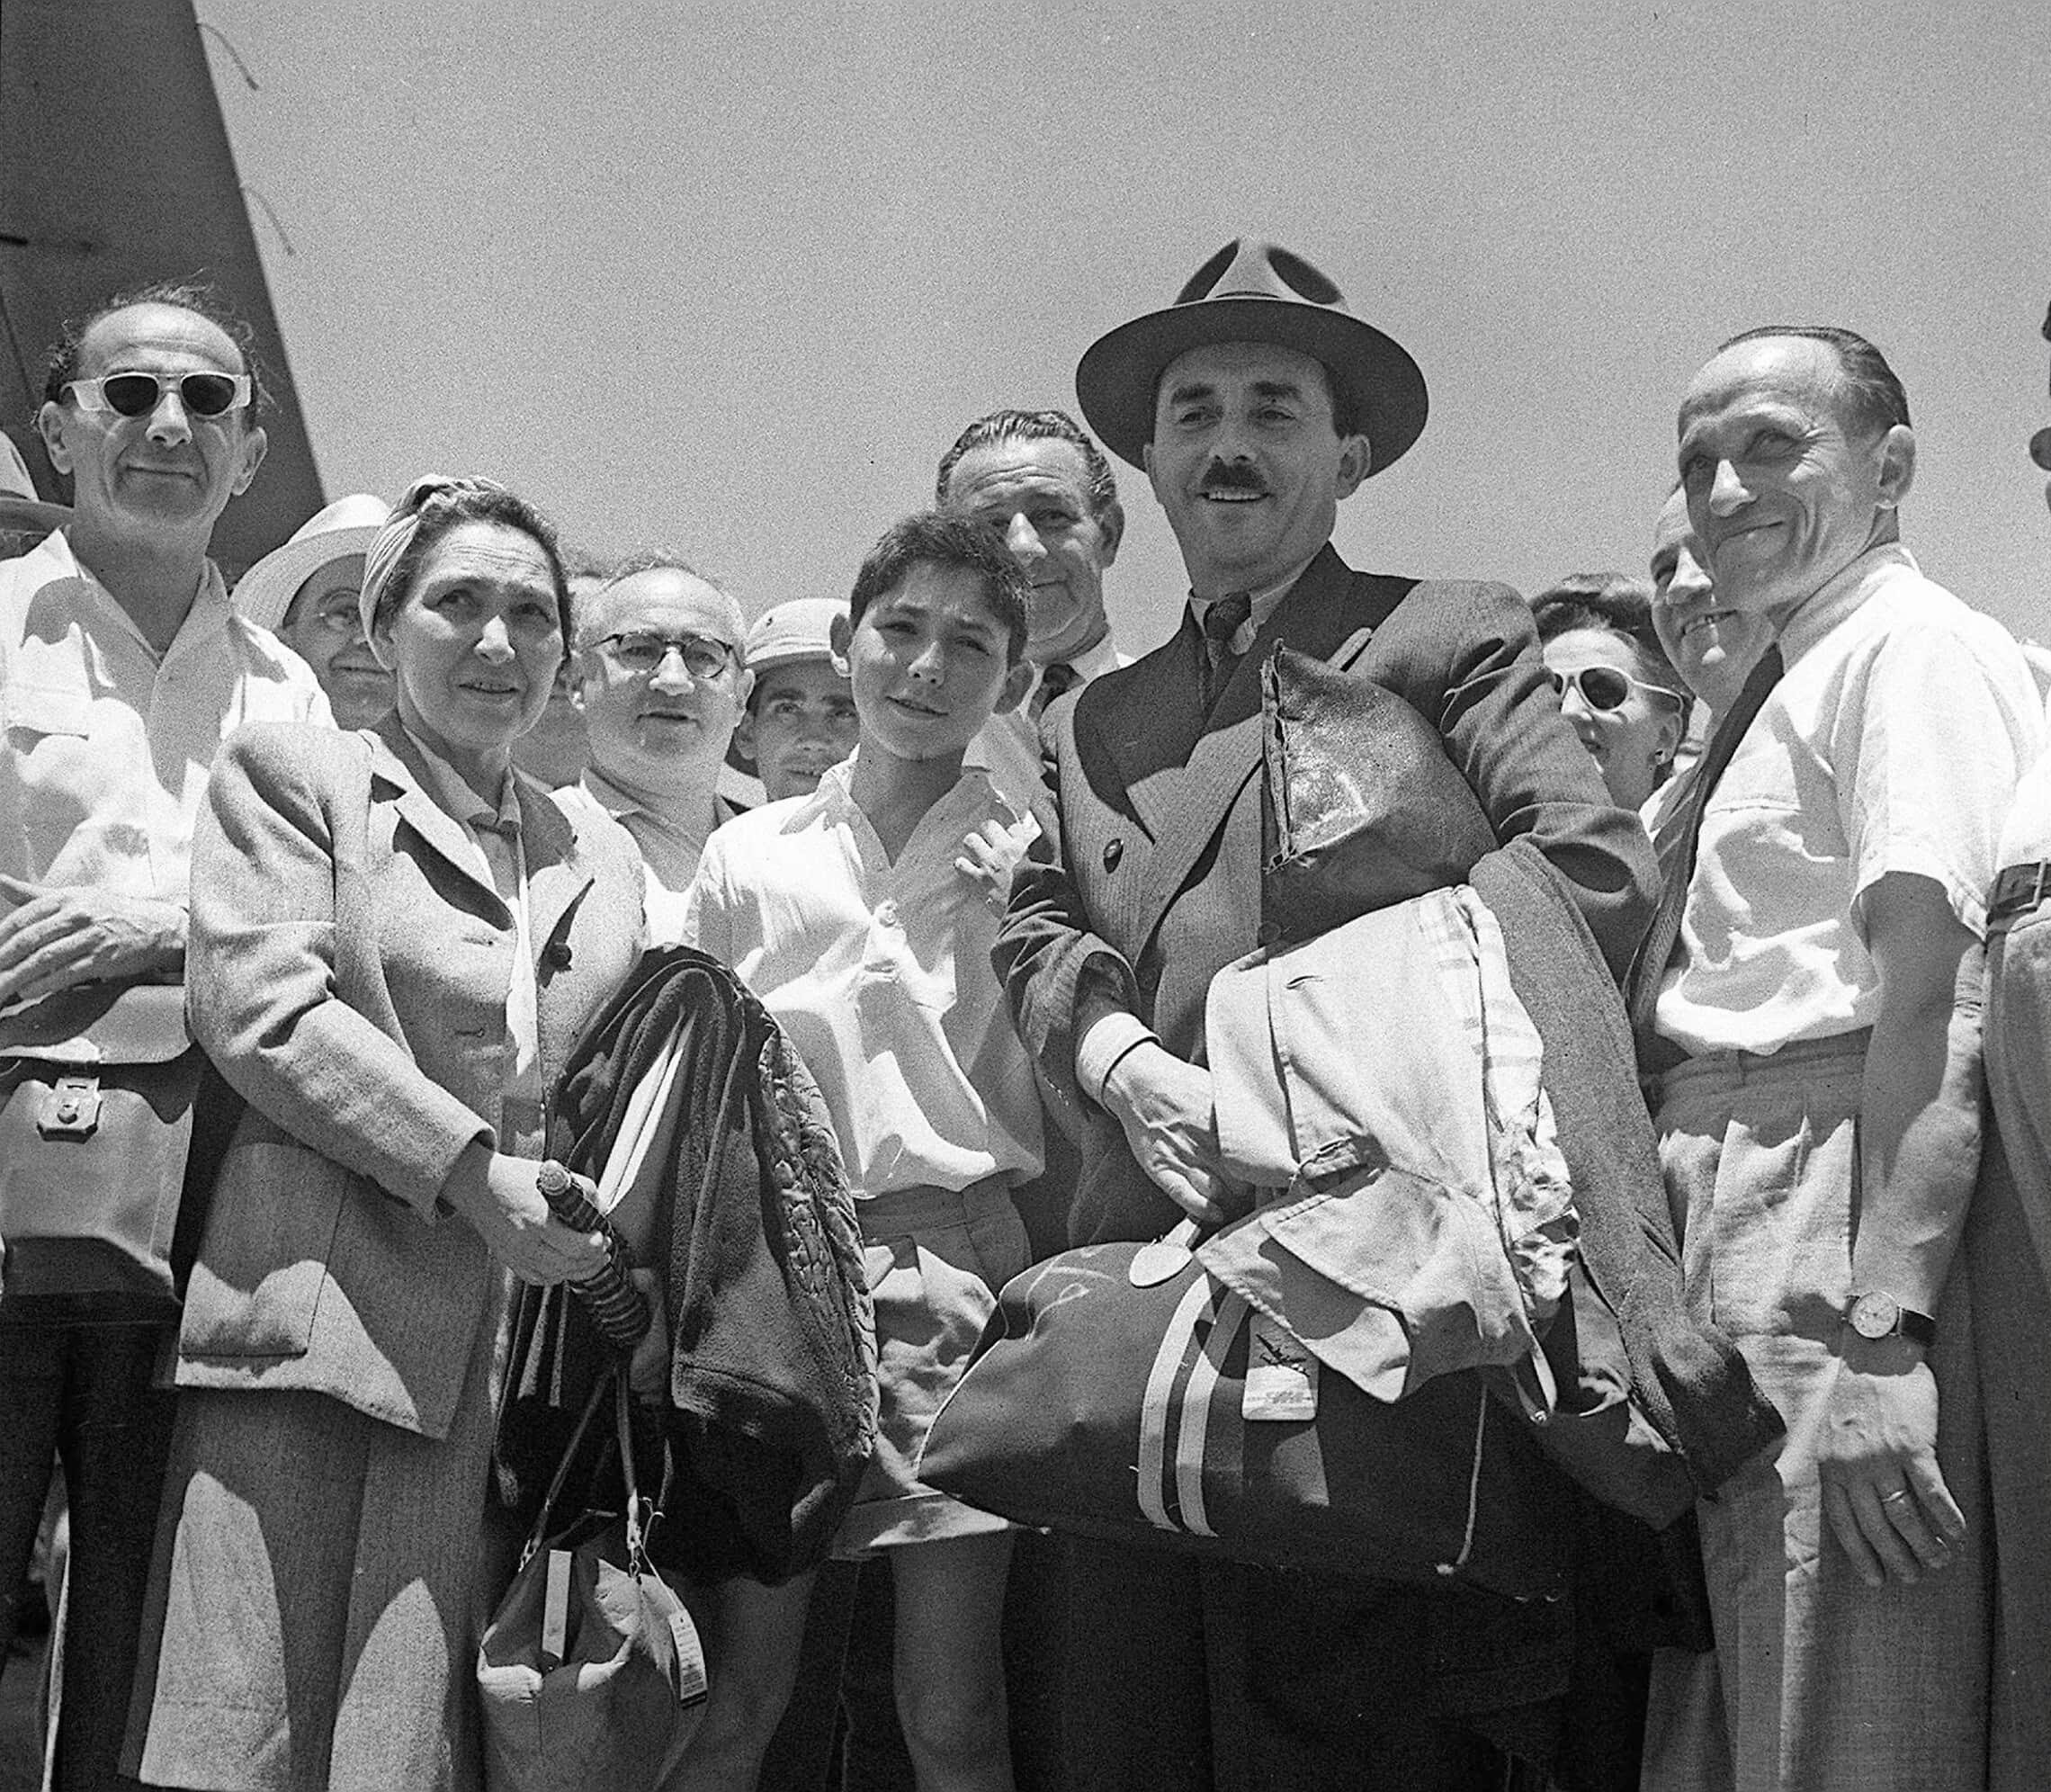 """משה שרת מתקבל בשובו מארה""""ב בנמל התעופה בלוד על ידי בנו חיים ורעייתו ציפורה, יוני 1947 (צילום: הנס פין/לע""""מ)"""